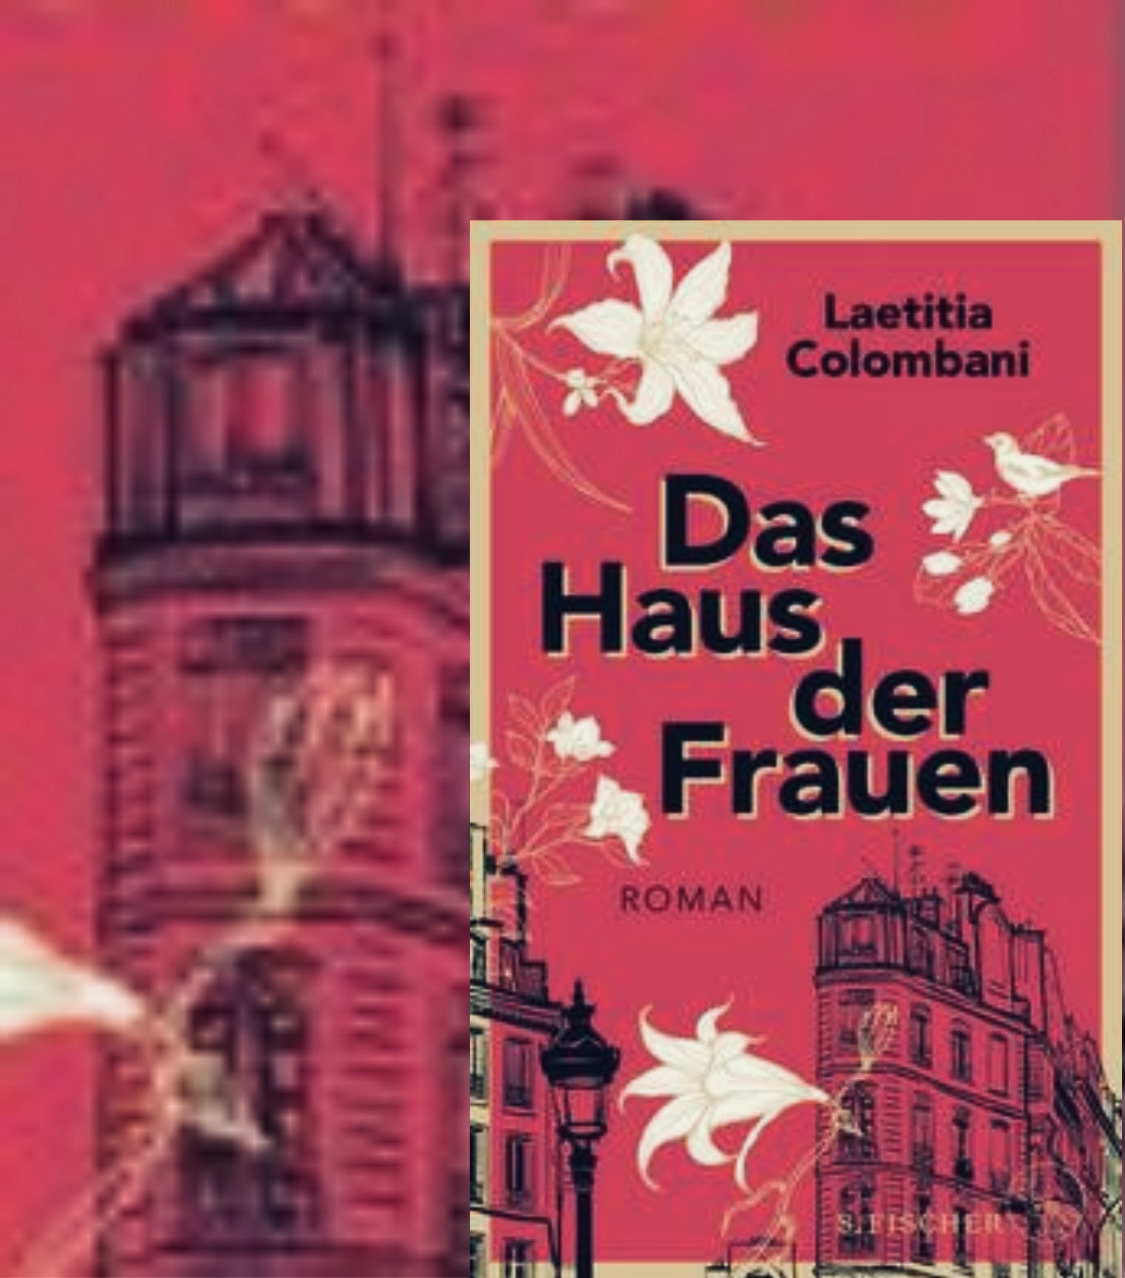 Laetitia Colombani: Das Haus der Frauen